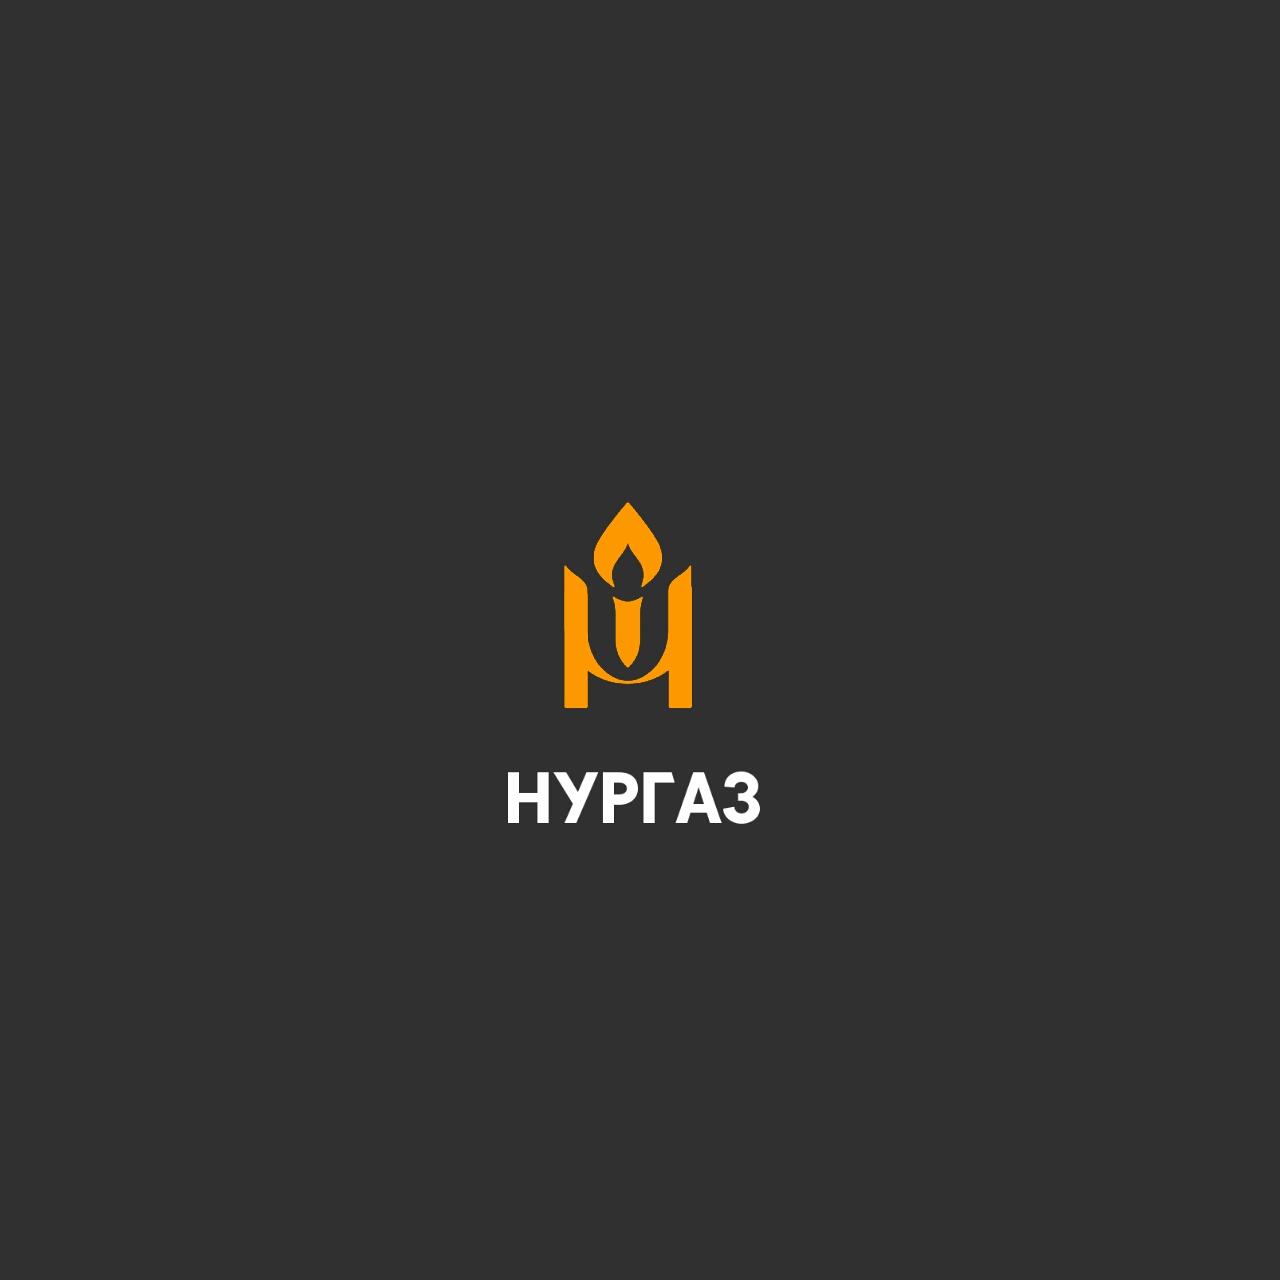 Разработка логотипа и фирменного стиля фото f_7395da0c0818b049.jpg